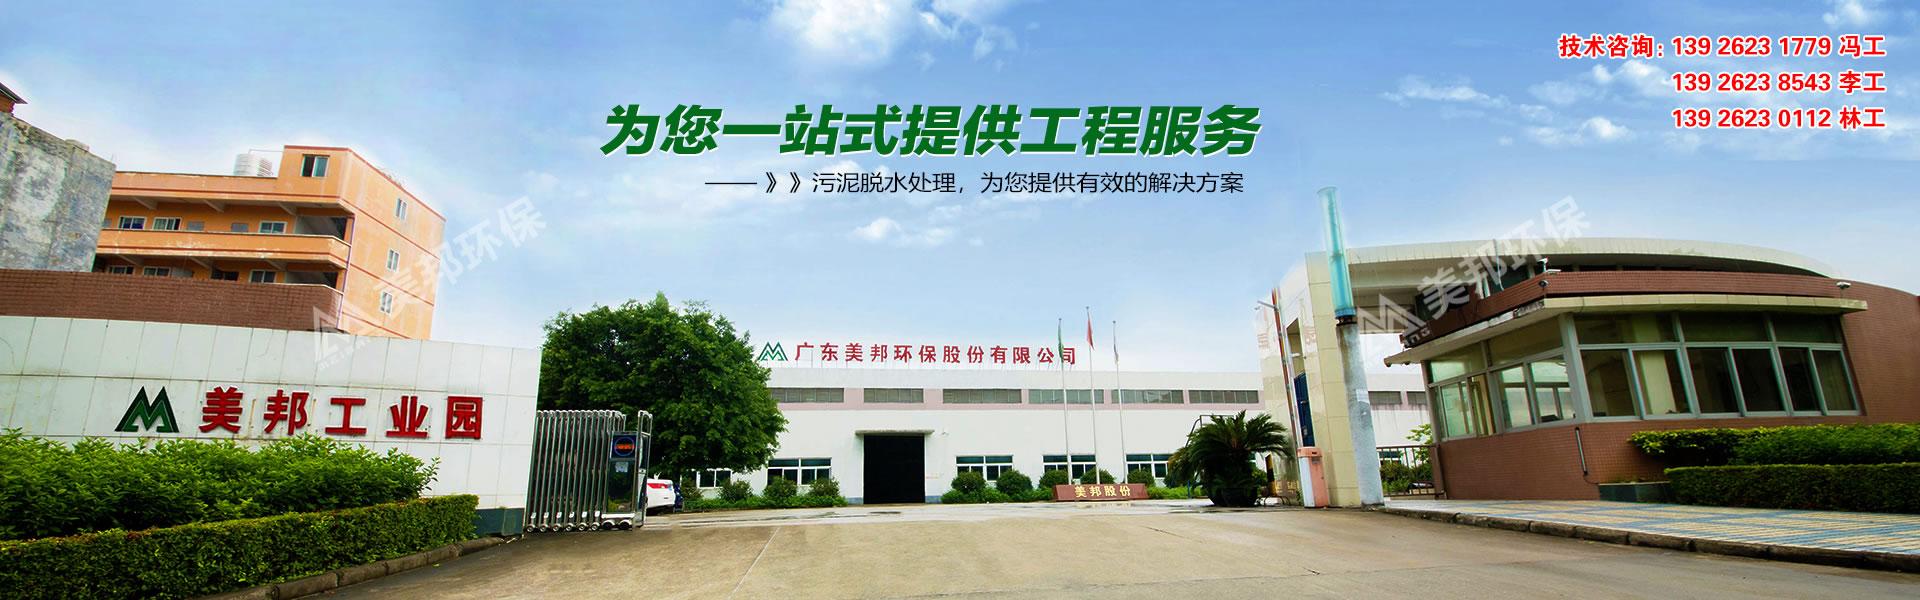 广东美邦环保股份有限公司